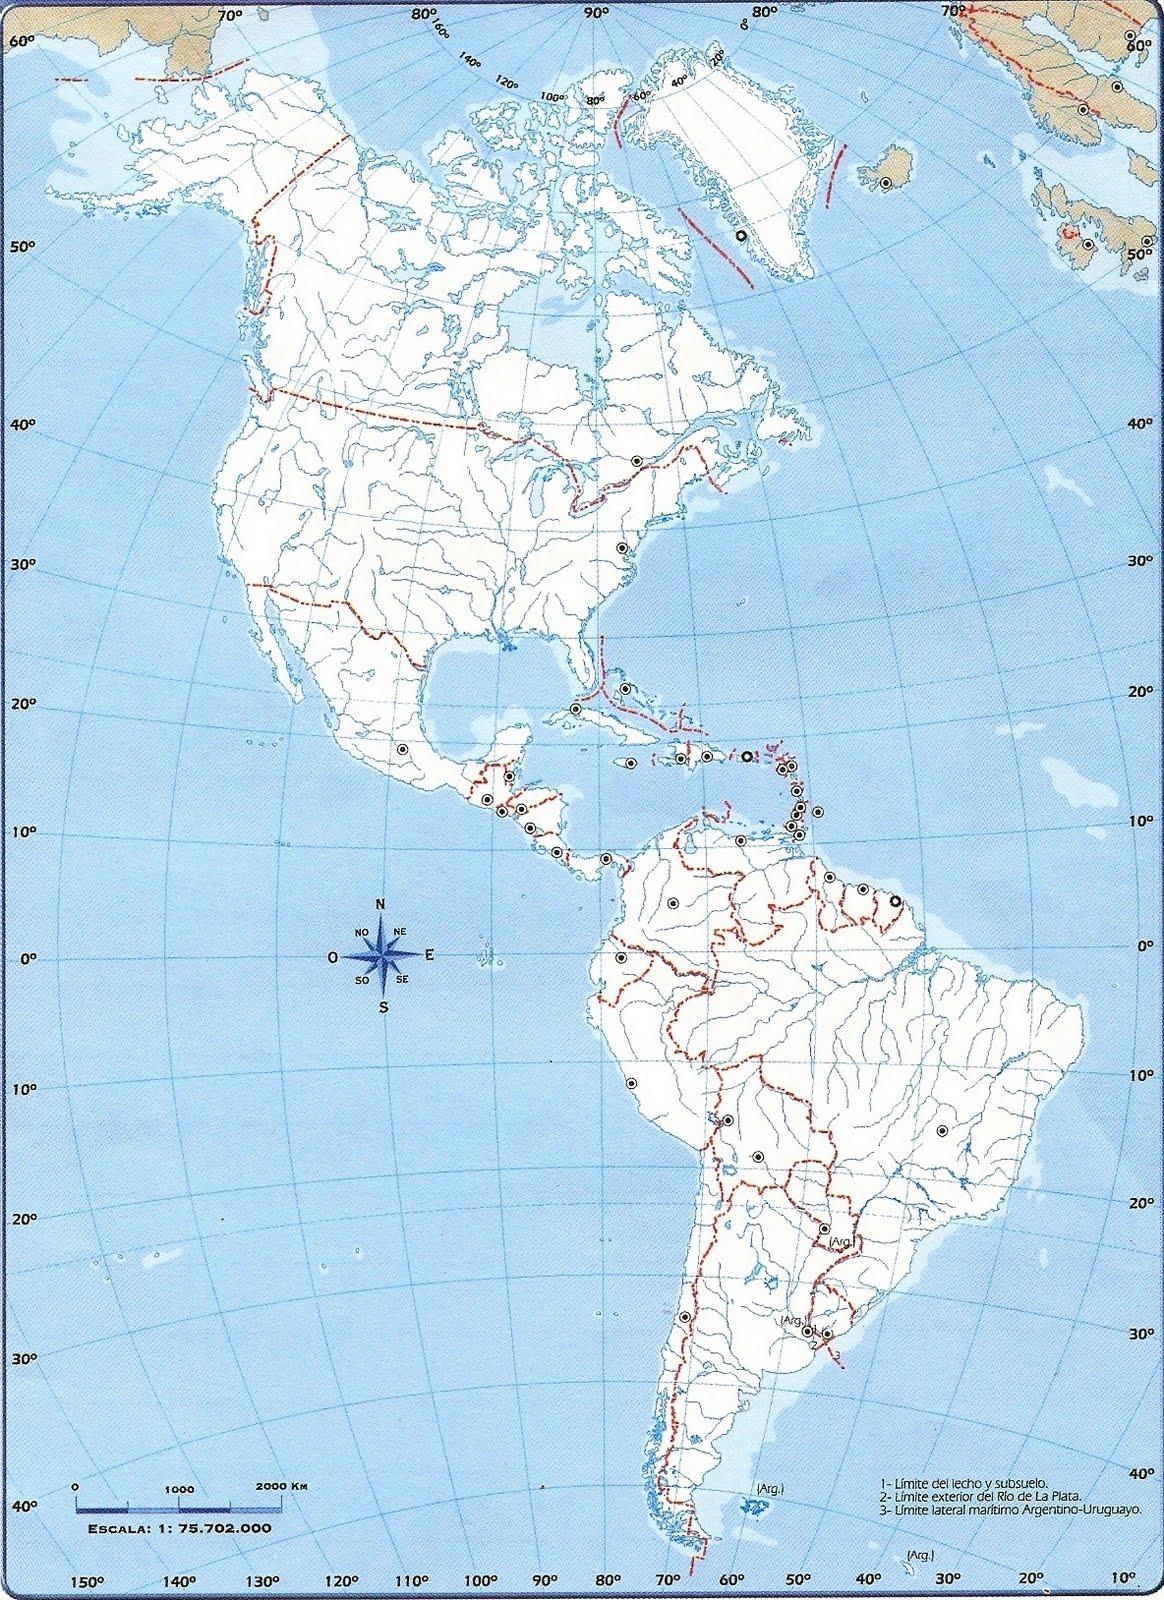 Mapa America Para Imprimir.Informacion E Imagenes Con Mapas De America Politico Y Fisico